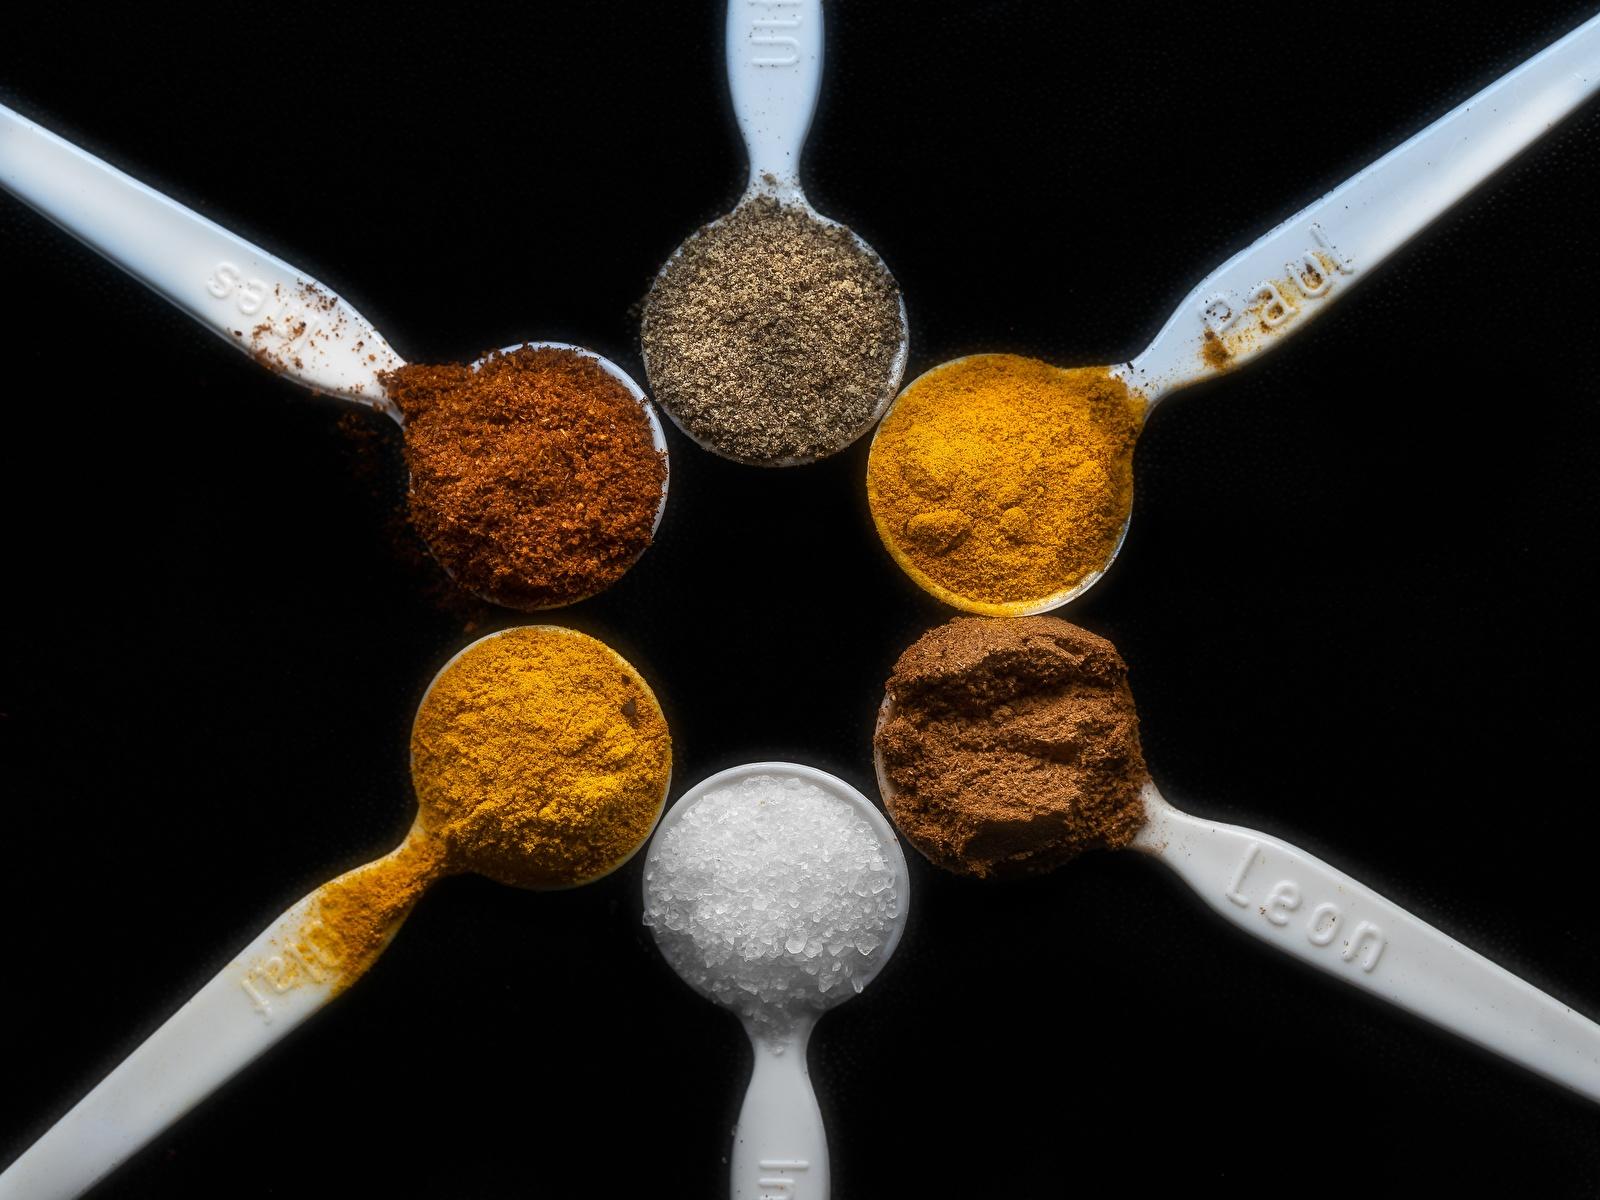 Картинки cinnamon, saffron Kurkuma, Cayenne papper Соль Пища Ложка приправы вблизи Черный фон 1600x1200 соли солью Еда ложки Специи пряности Продукты питания на черном фоне Крупным планом